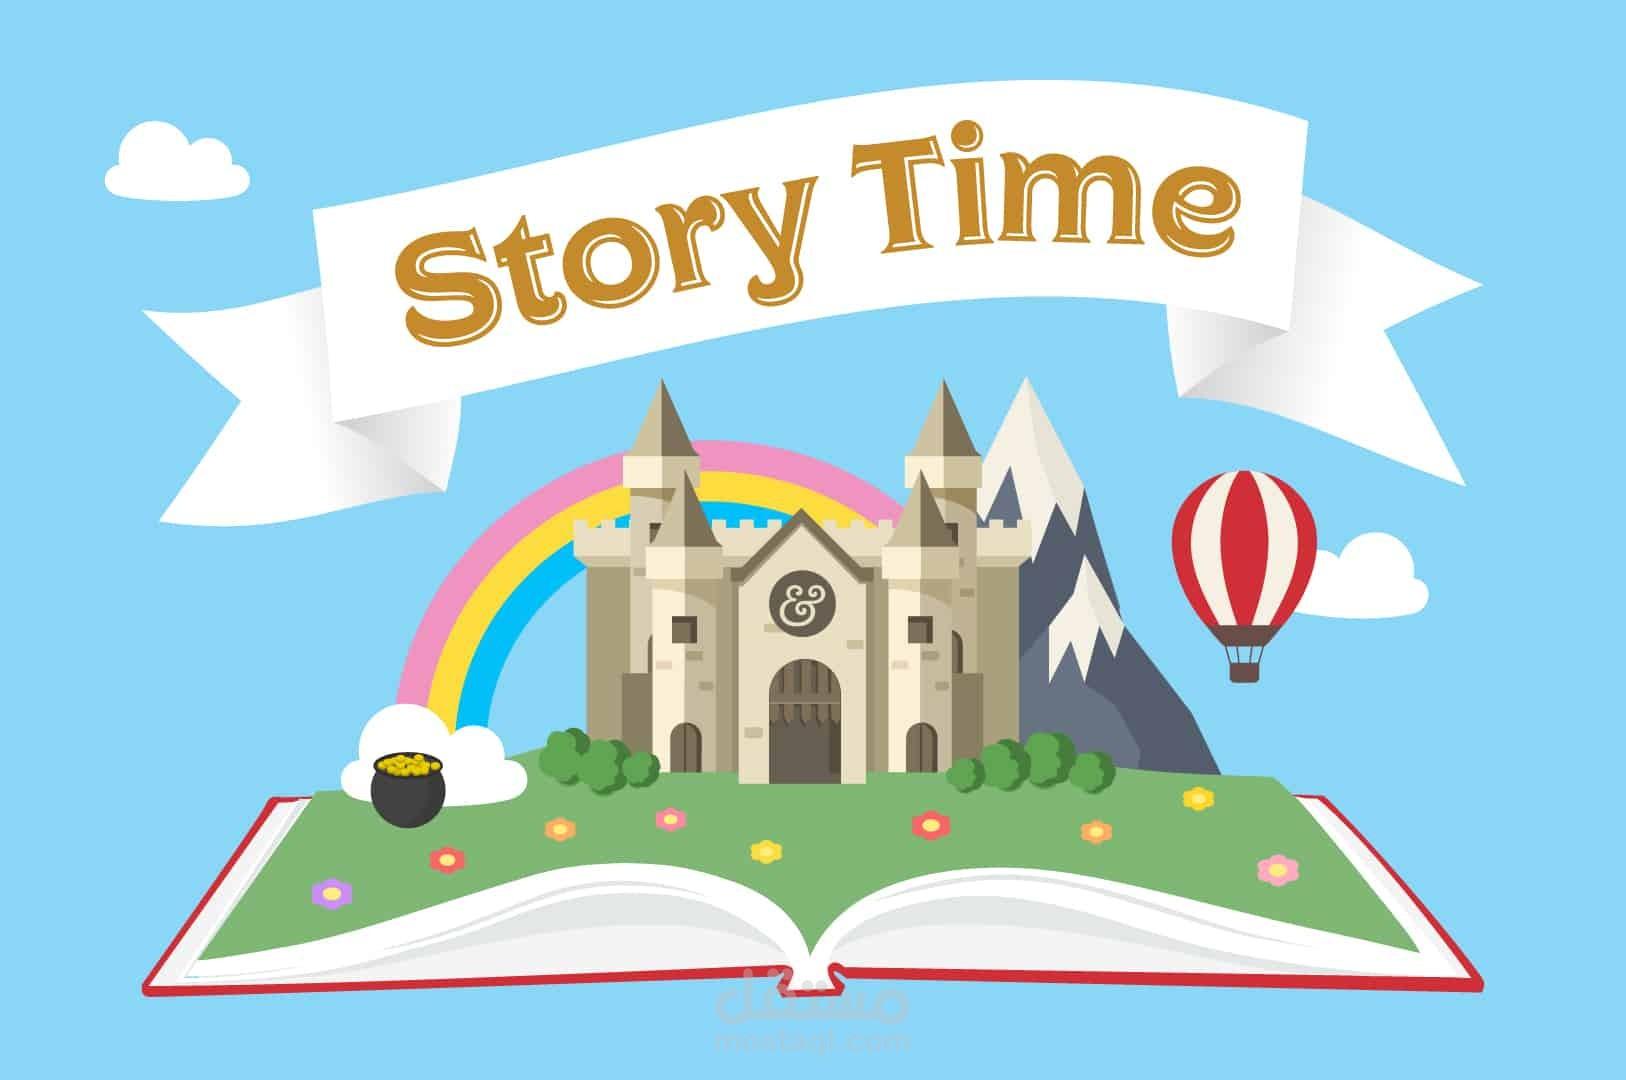 ترجمة إبداعية لقصص أدبية قصيرة